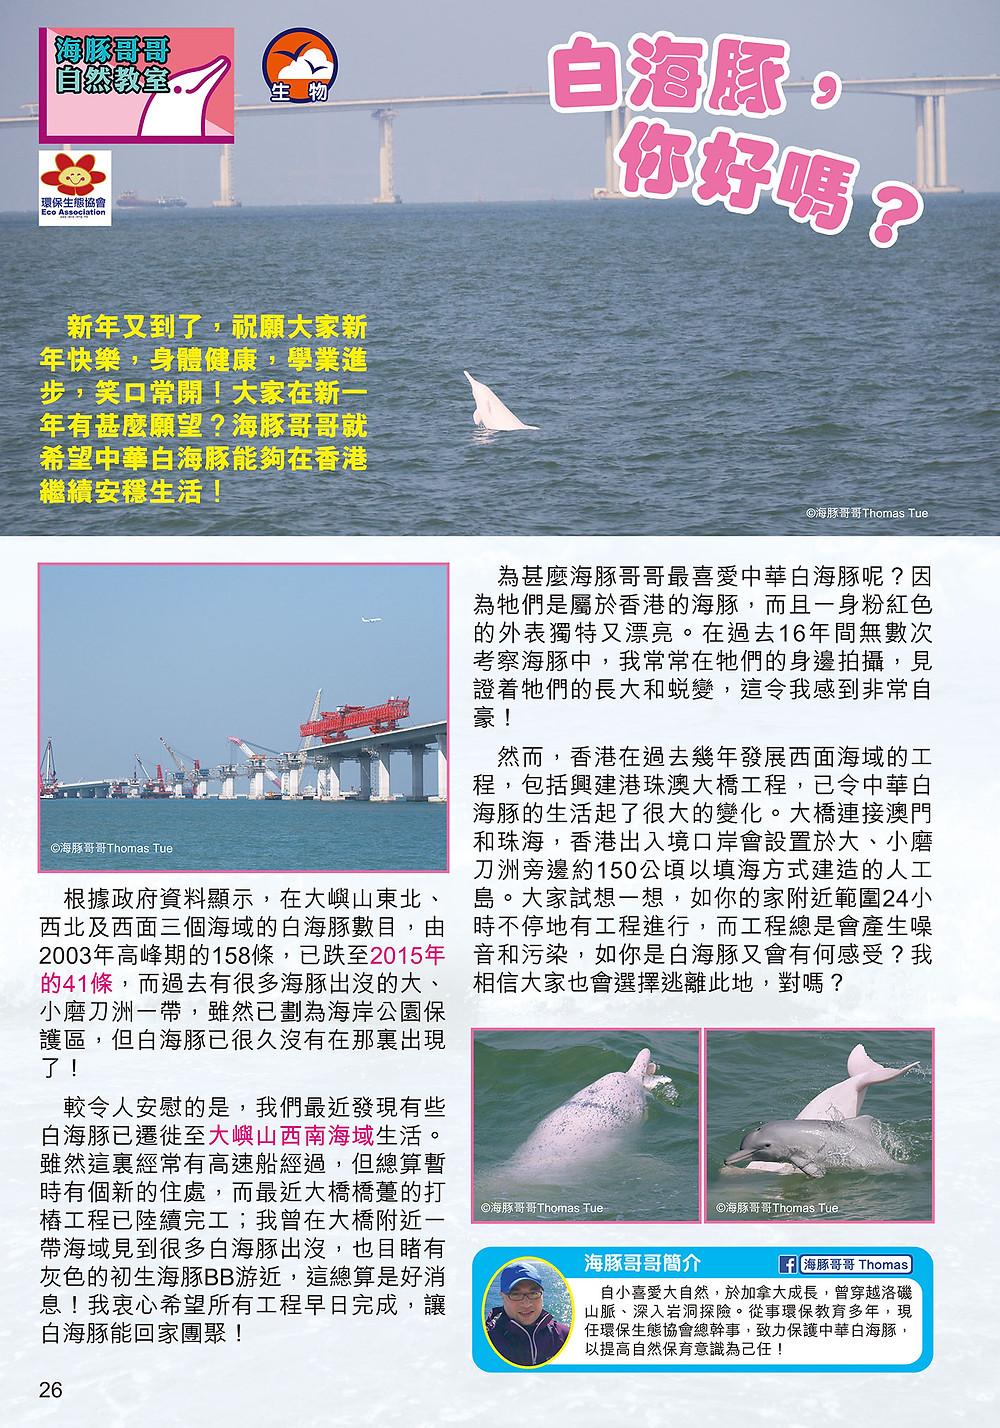 海豚哥哥 Mr Dolphins 《兒童的科學》雜誌專欄作者,原文刊登於《兒童的科學》第146期,海洋縮小、食物銳減